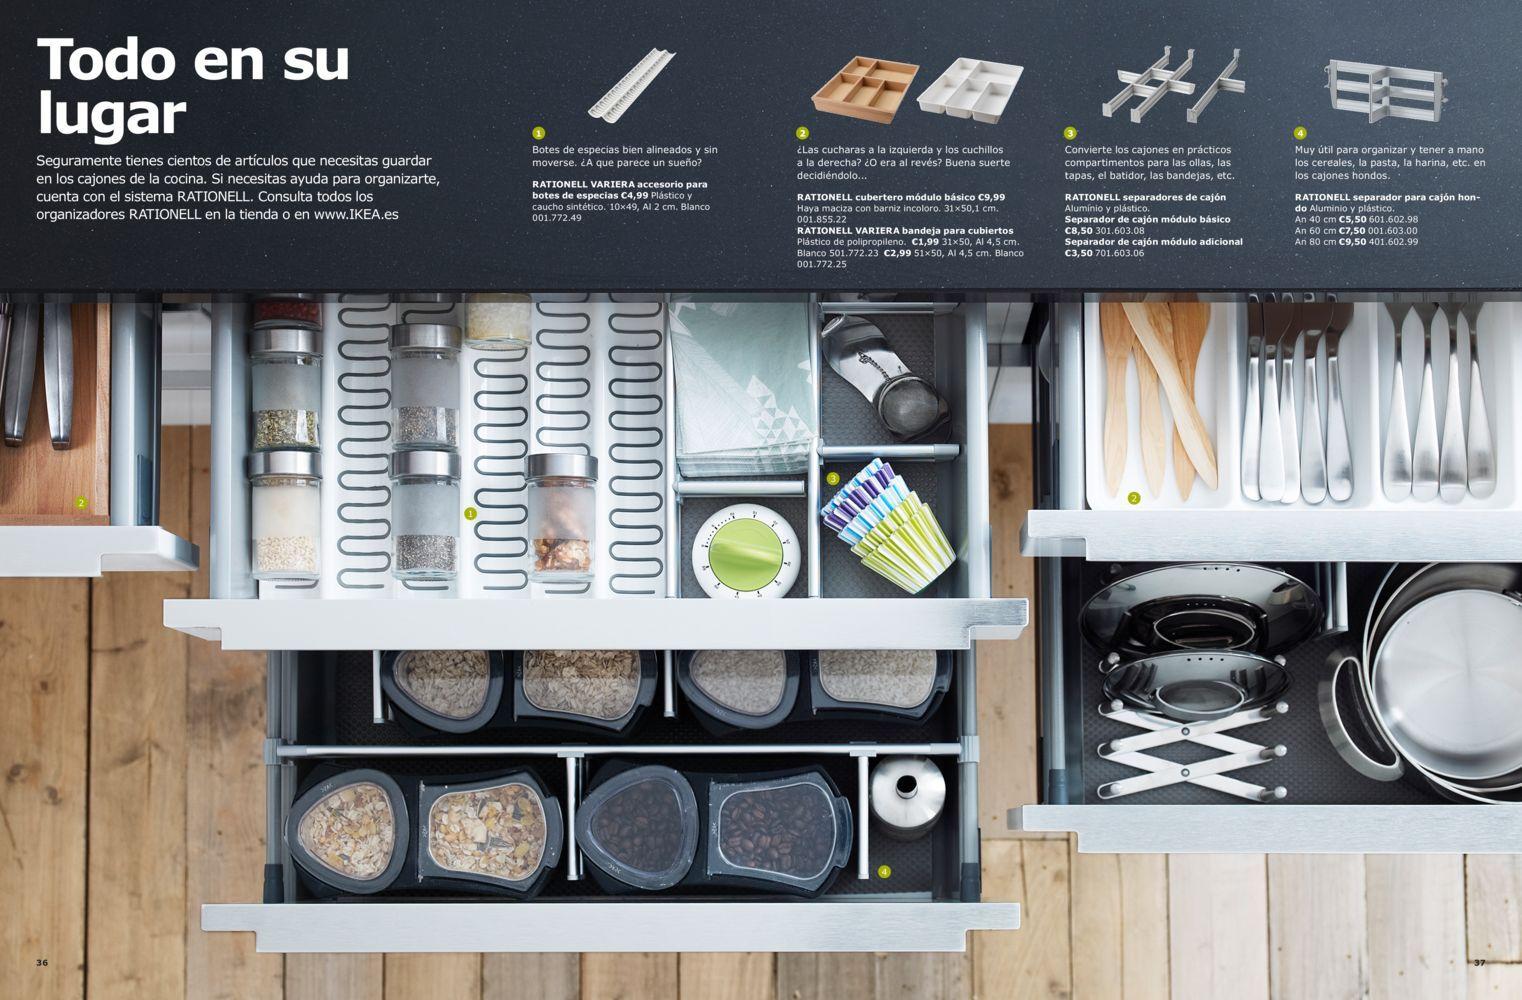 Ikea Catalogue 2013 Cocina Pinterest Cocinas # Muebles Cocina Ikea Faktum